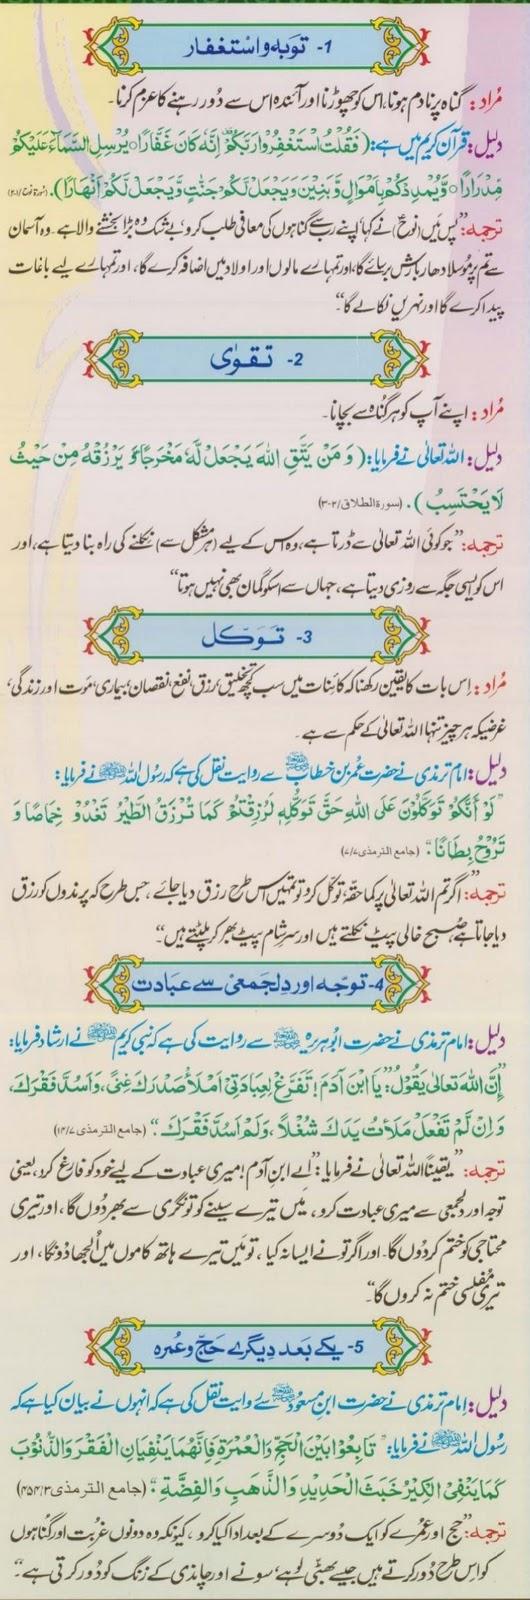 Rizq Ki Kunjiyan By Professor Dr. Fazle Elahi